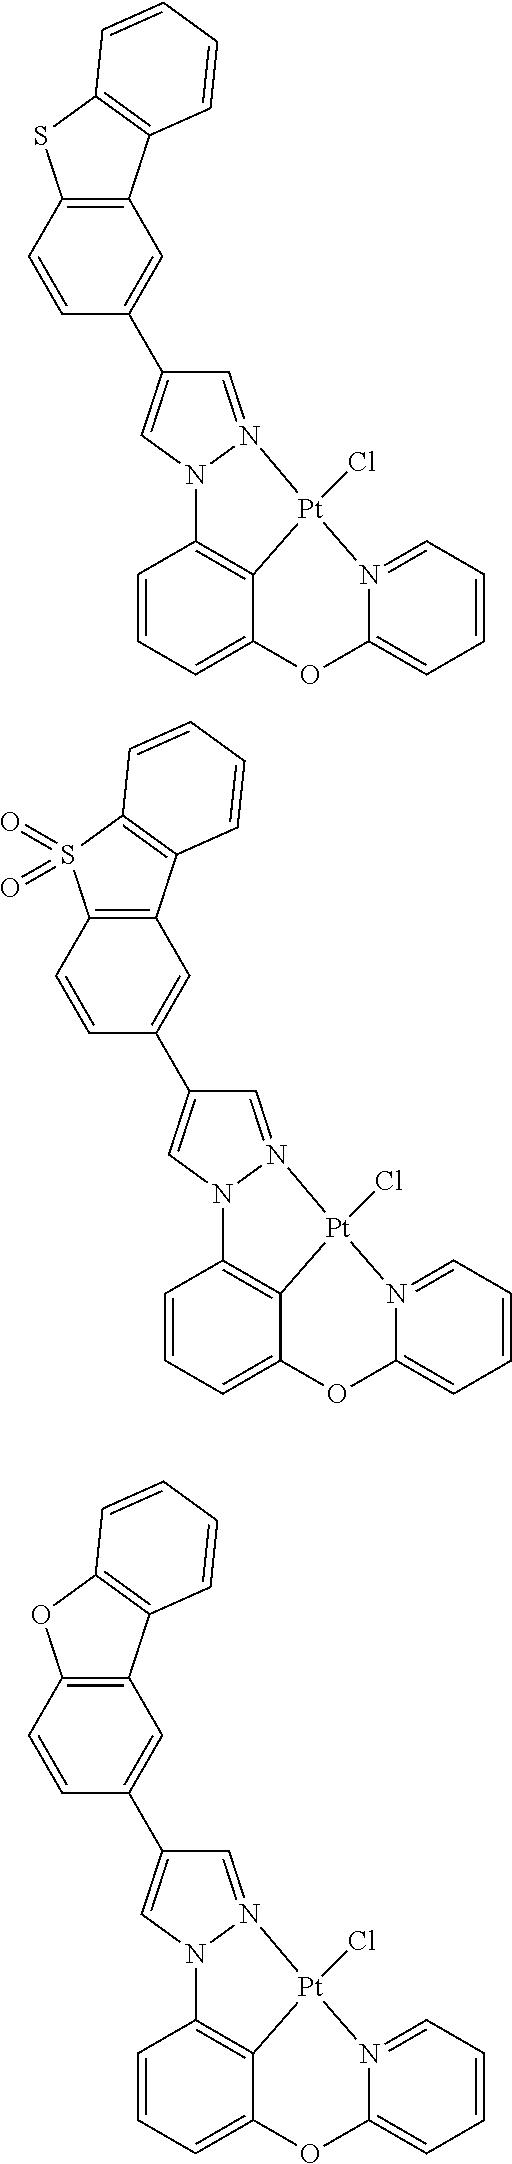 Figure US09818959-20171114-C00507